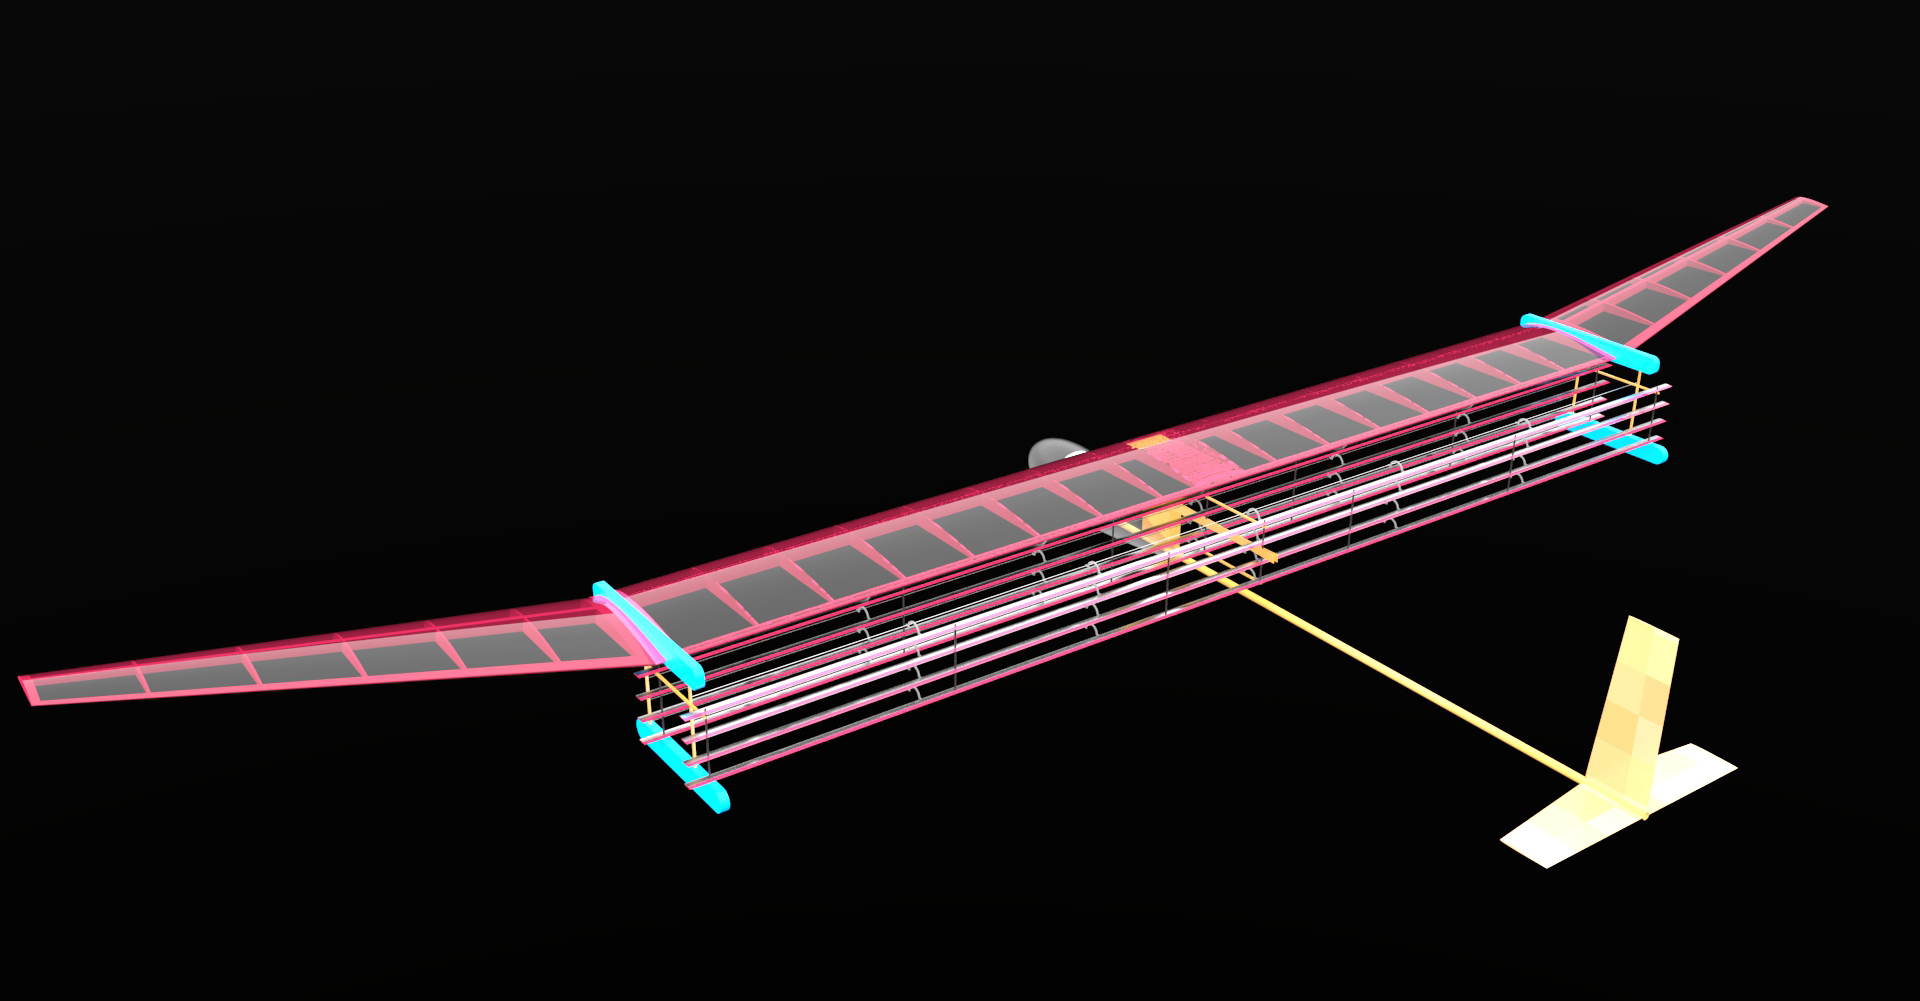 MIT's Motorless Plane